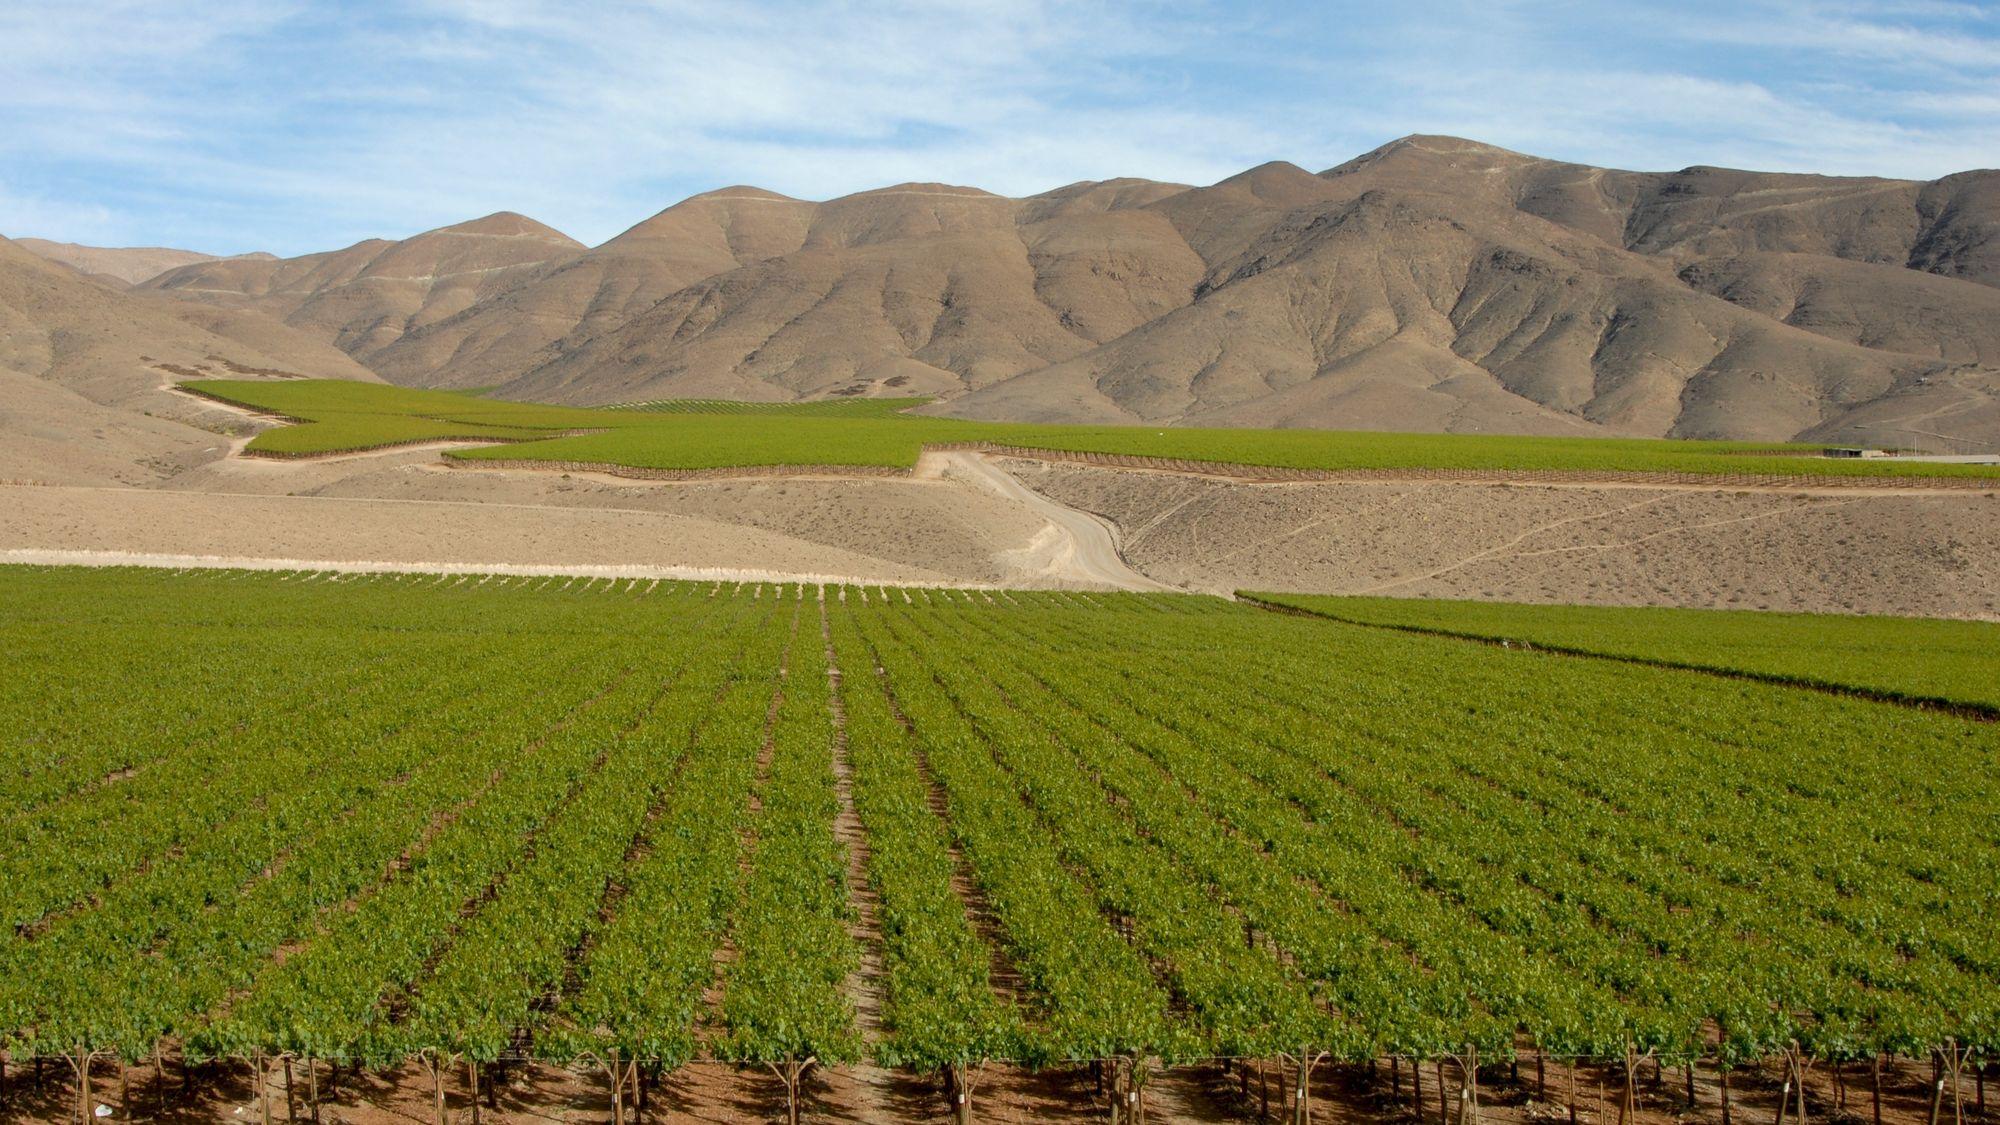 MaxPixel.net-Landscape-Wine-Andes-Chile-970444